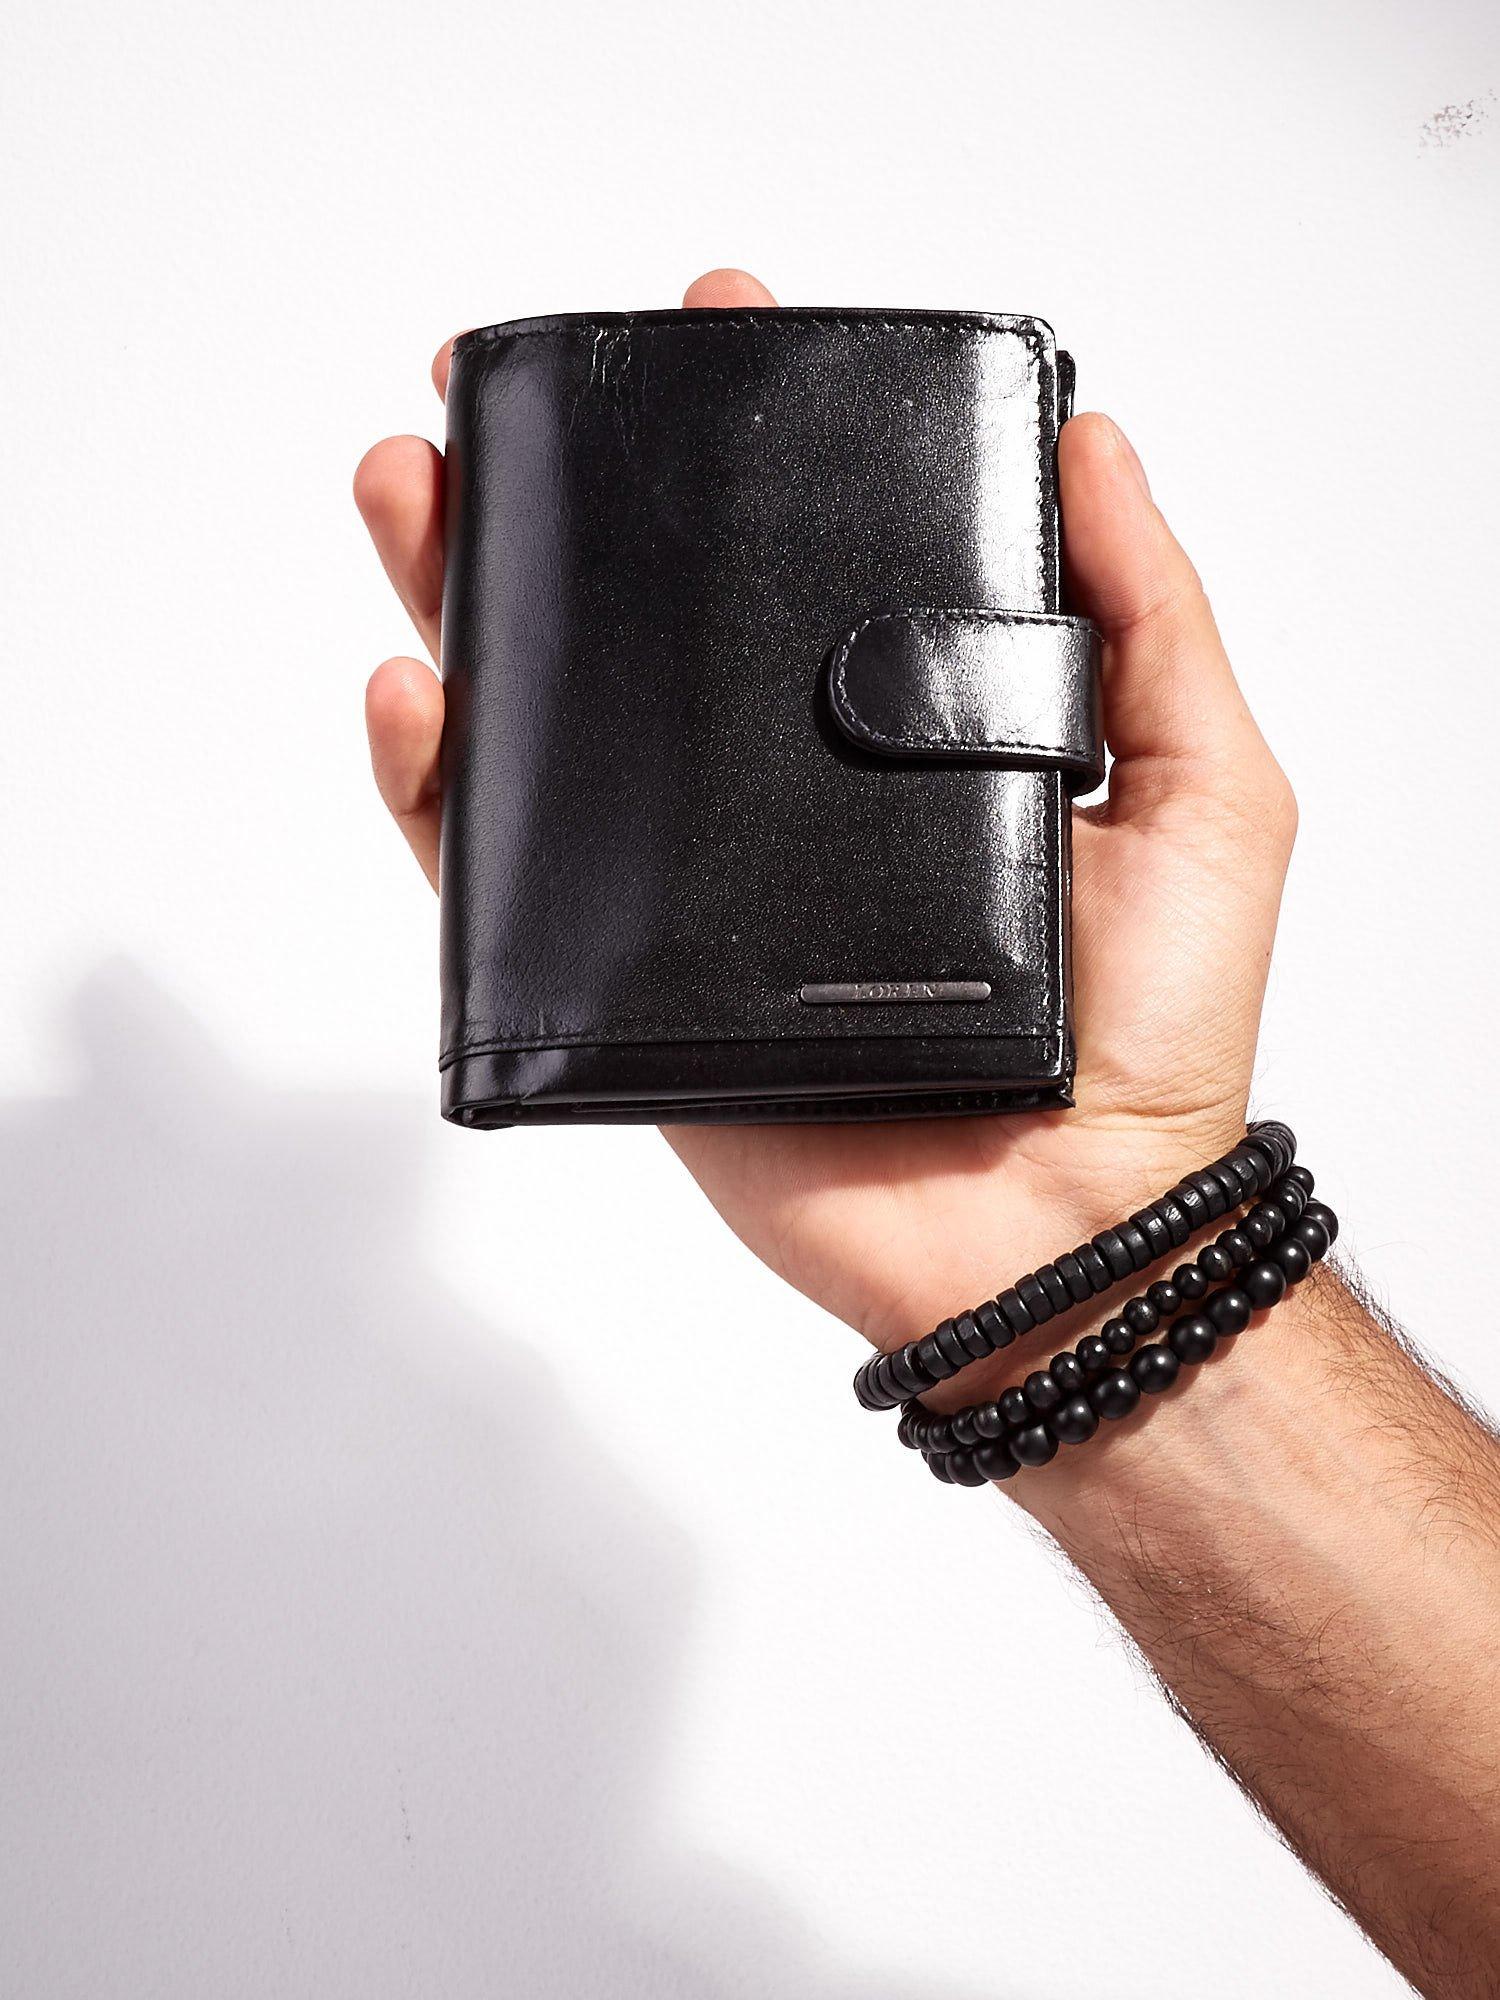 0bfae147f3c1b Czarny zapinany portfel skórzany dla mężczyzny - Mężczyźni portfel męski -  sklep eButik.pl